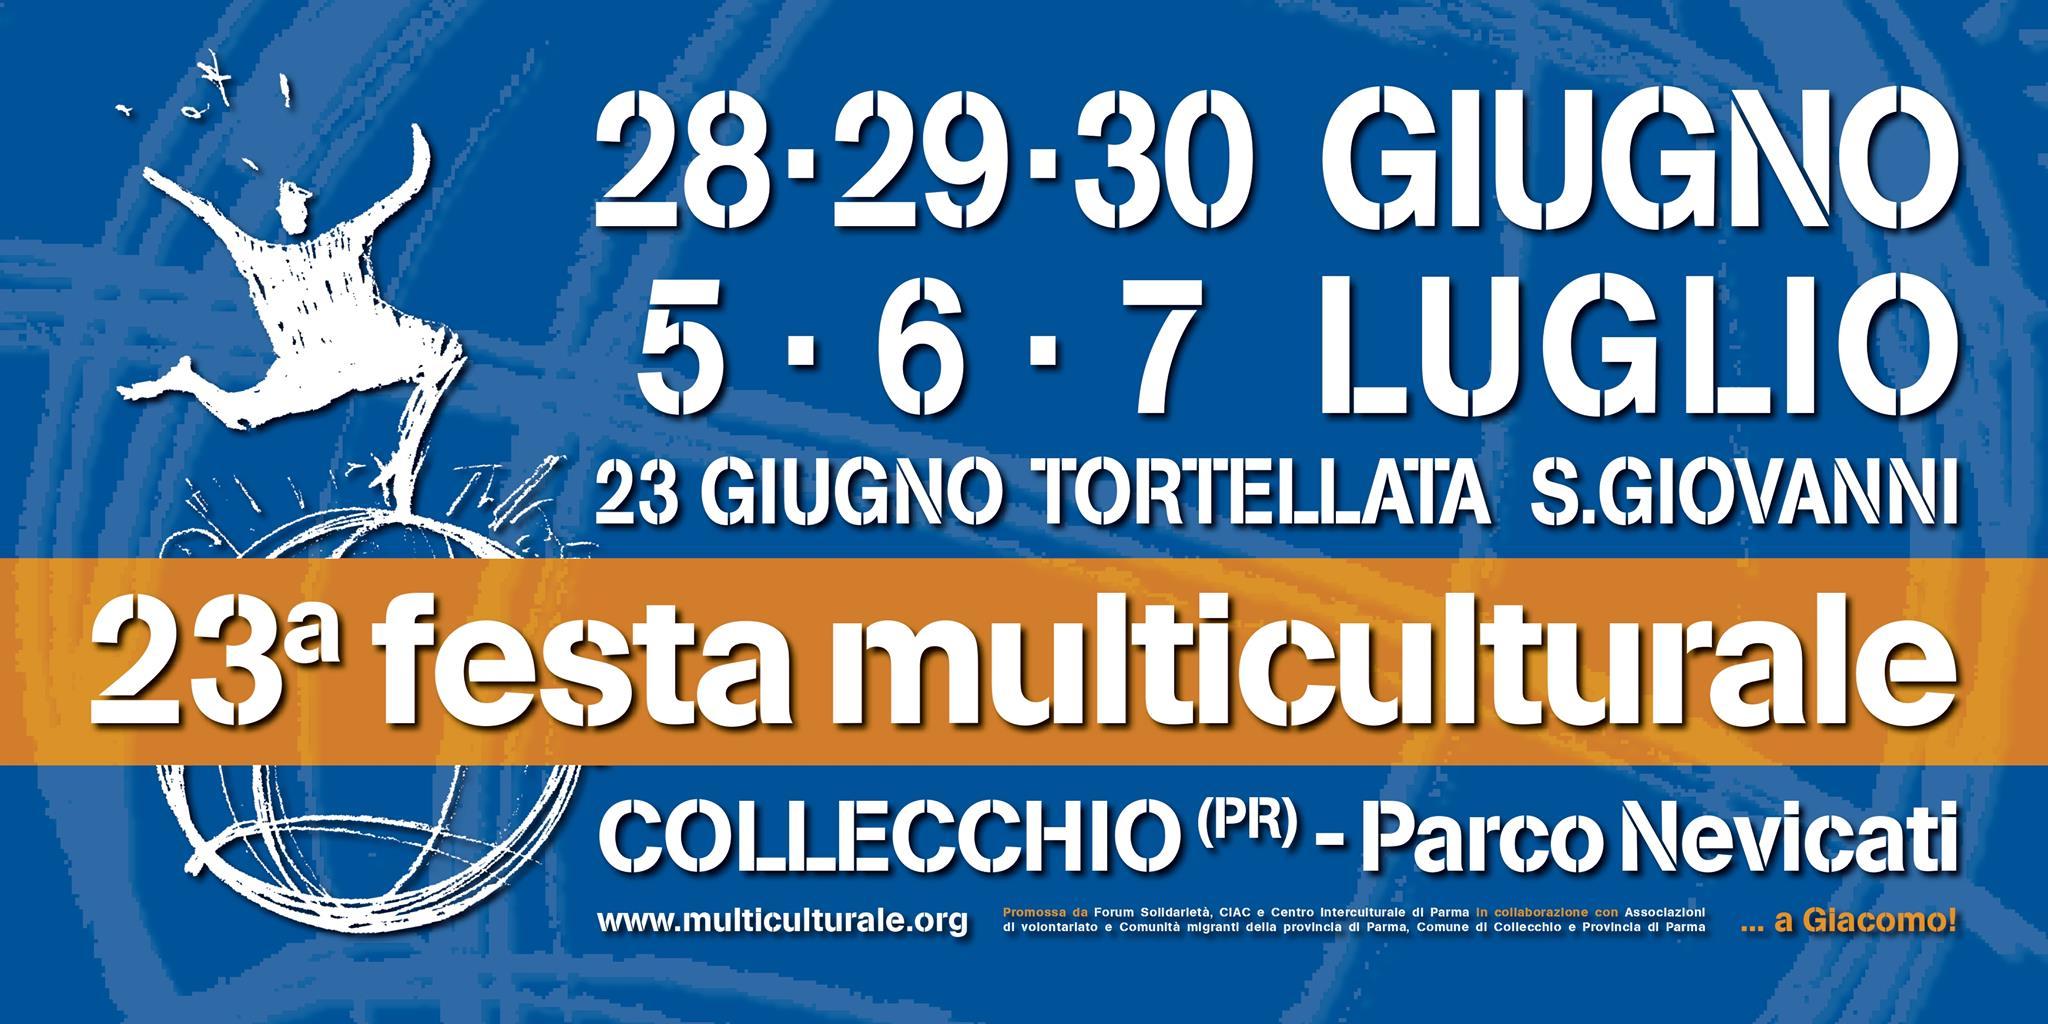 E' ancora Festa Multiculturale: dal 5 al 7 luglio a Collecchio (PR)